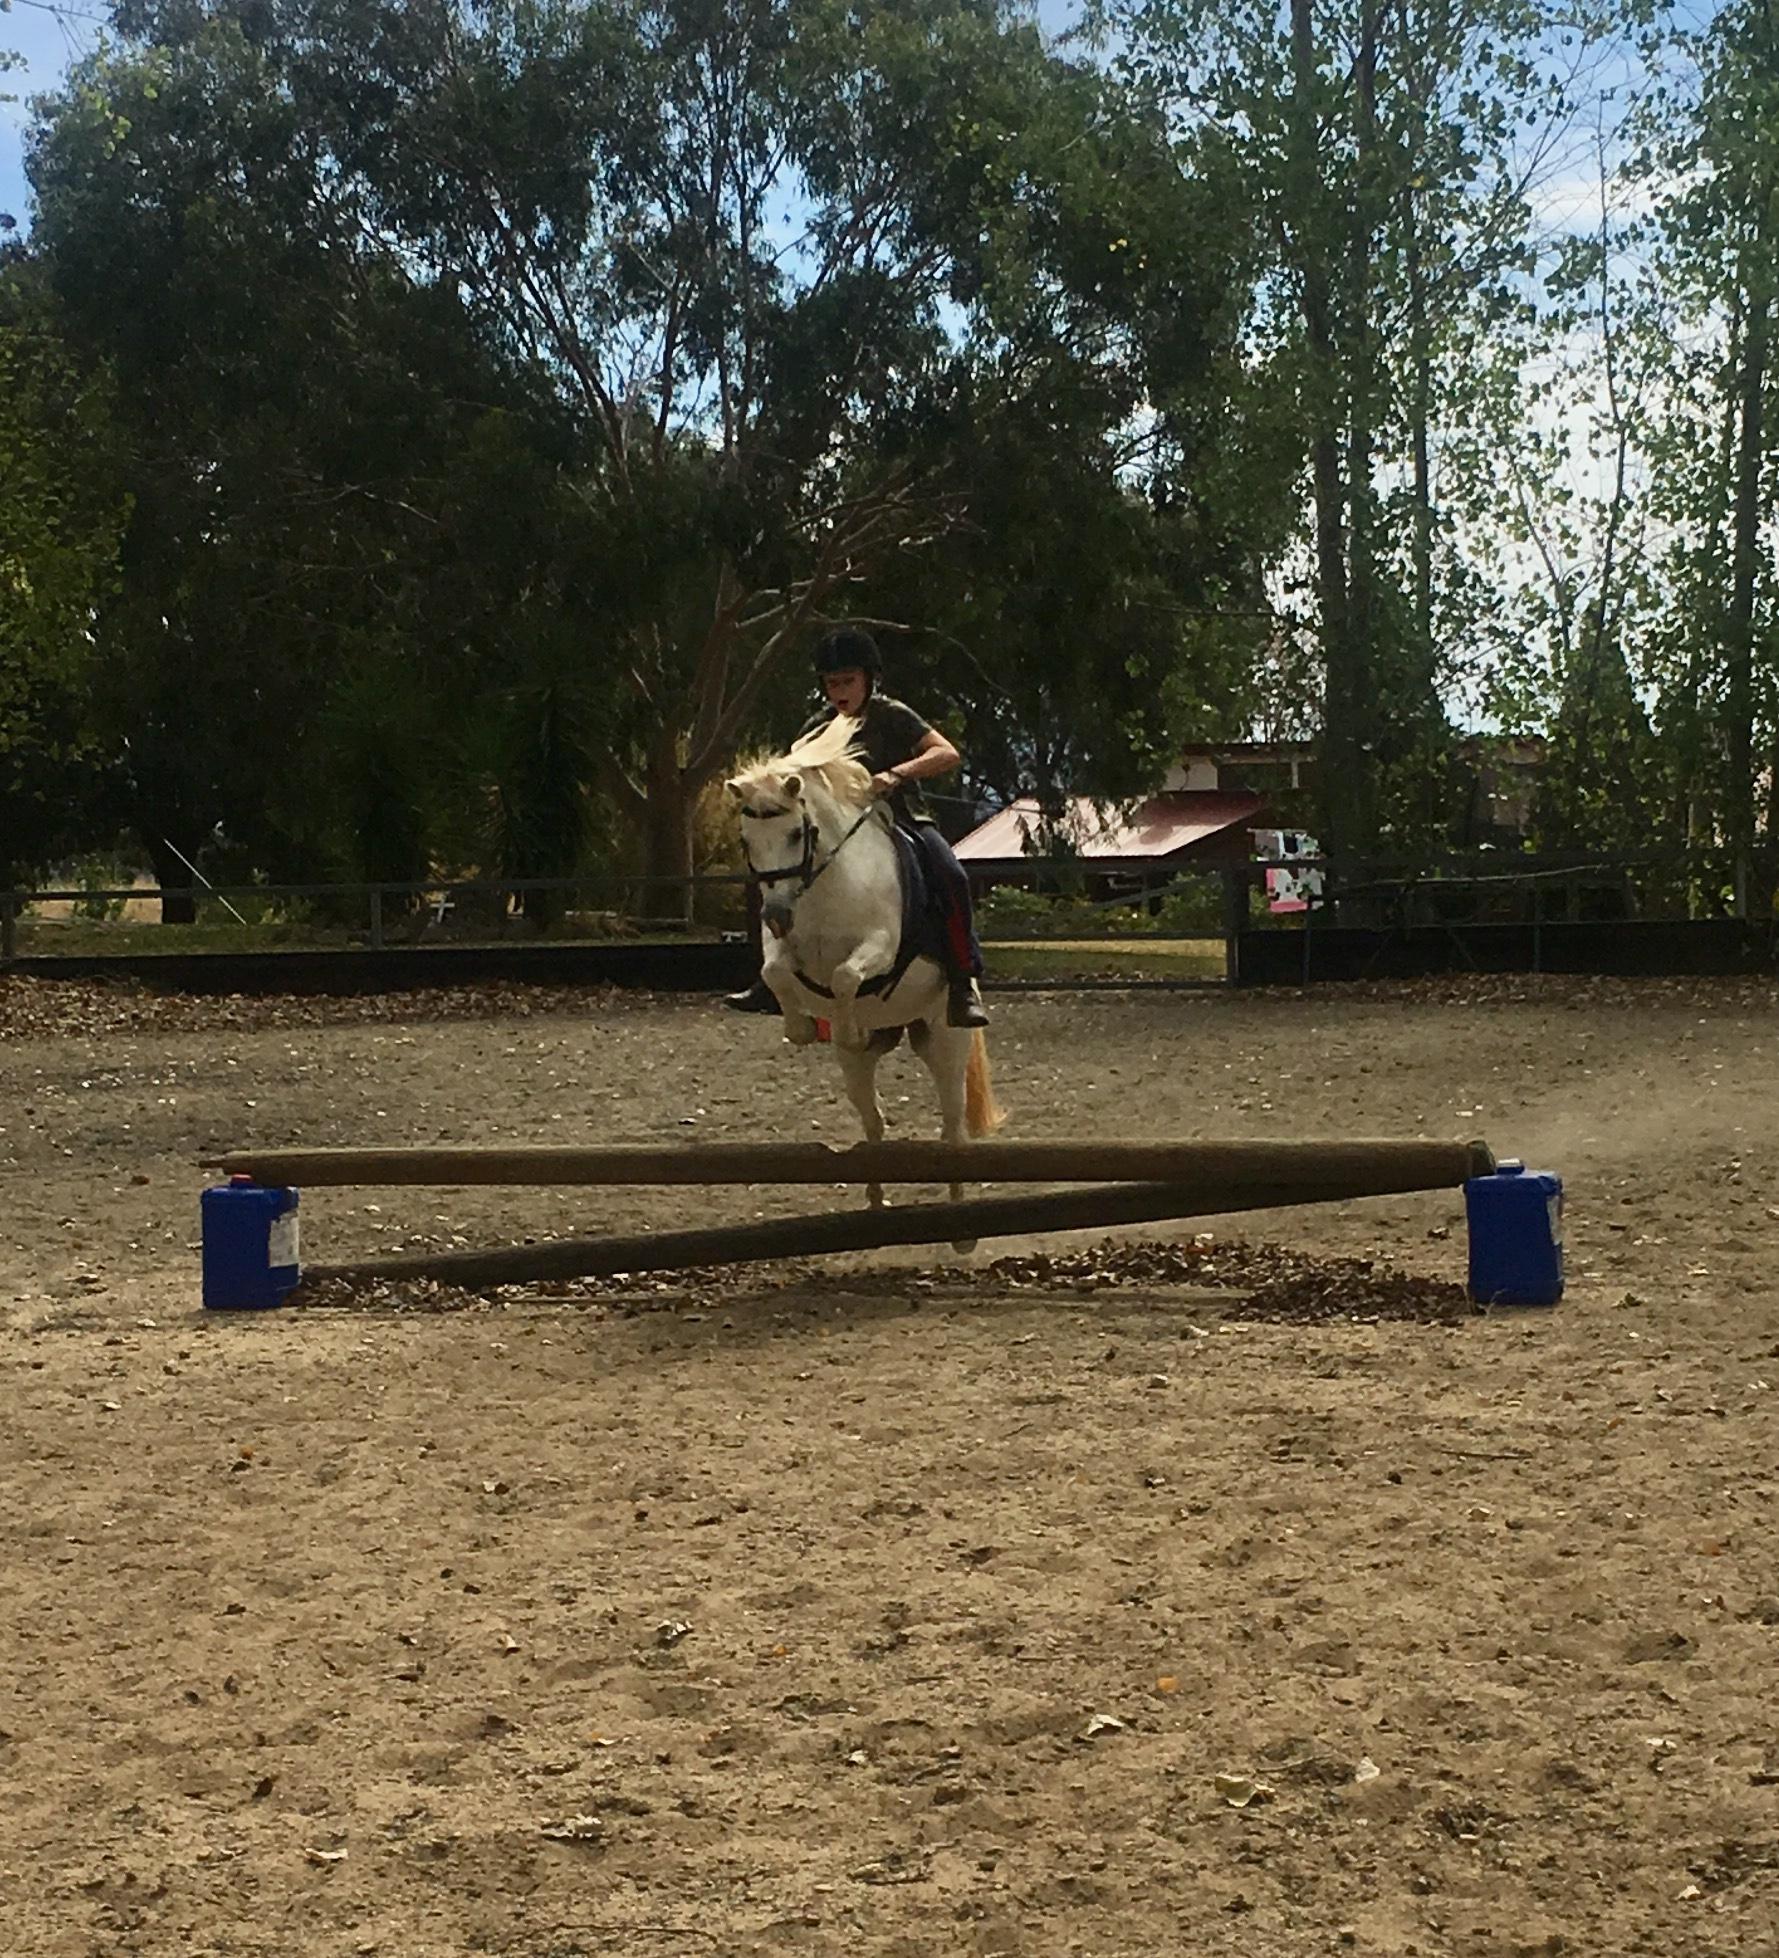 Safe, fun kids pony